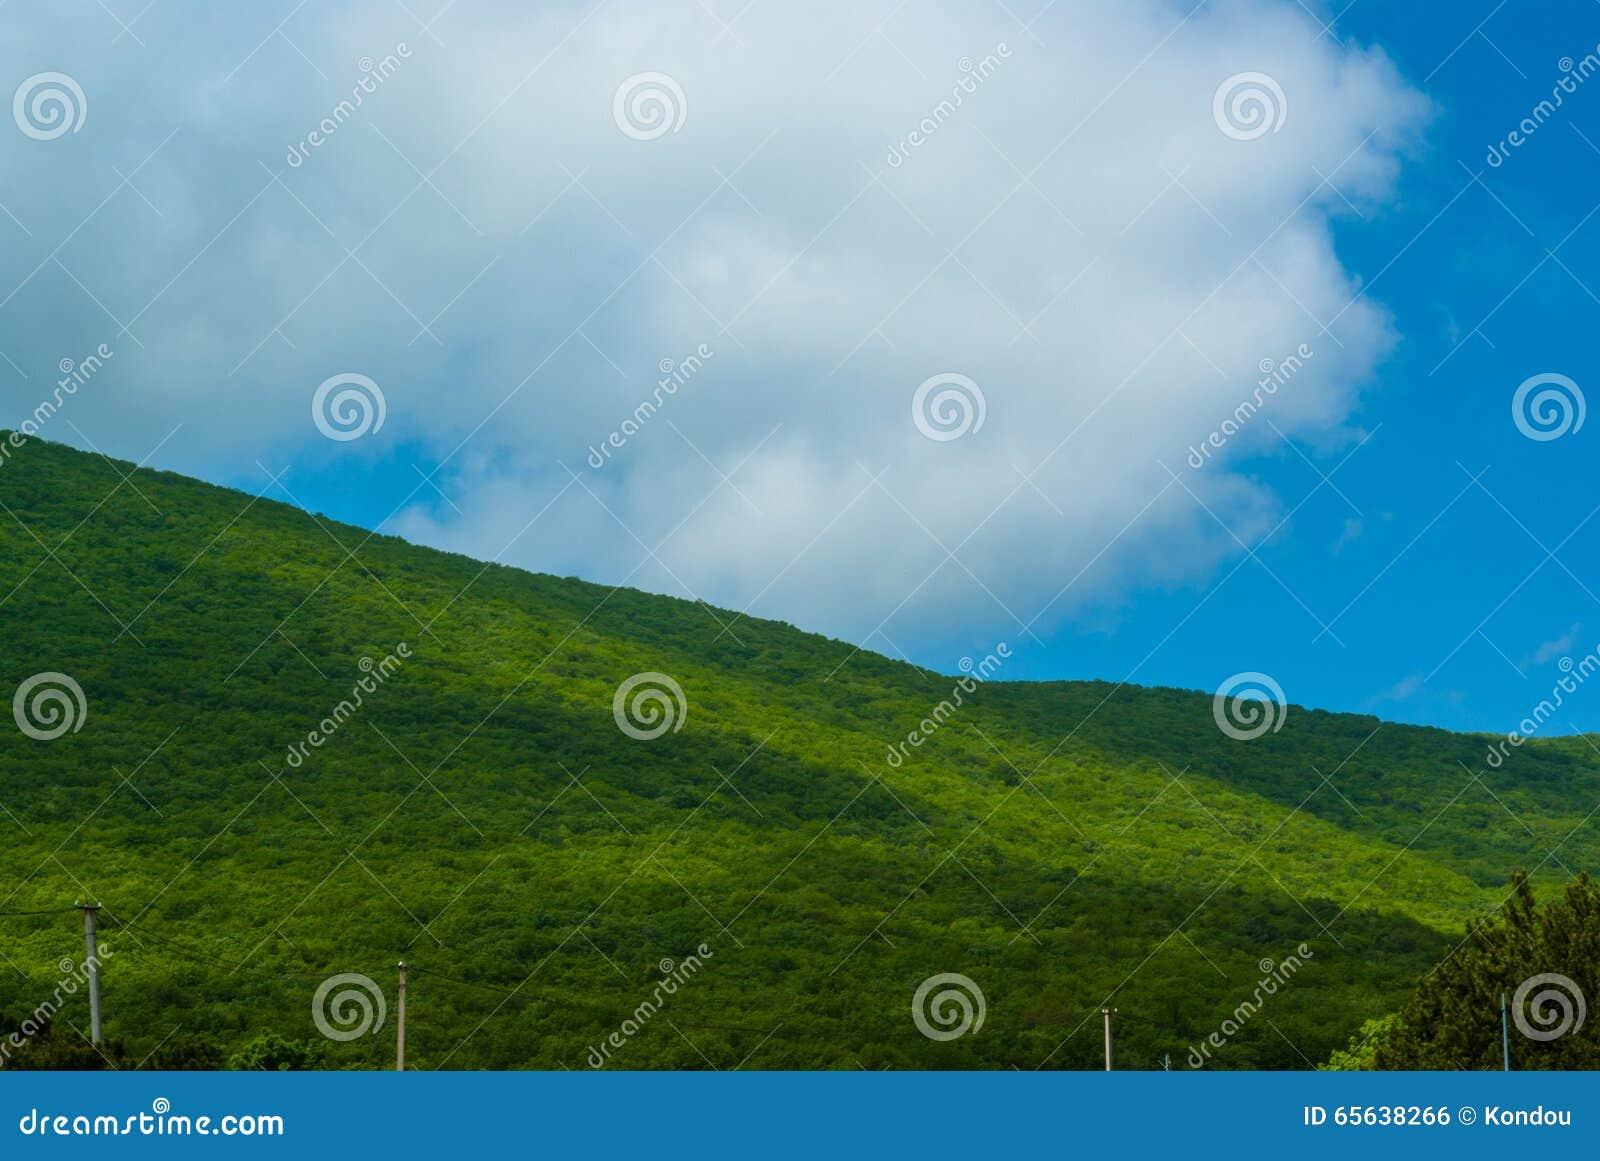 Flanc de coteau vert un jour d été